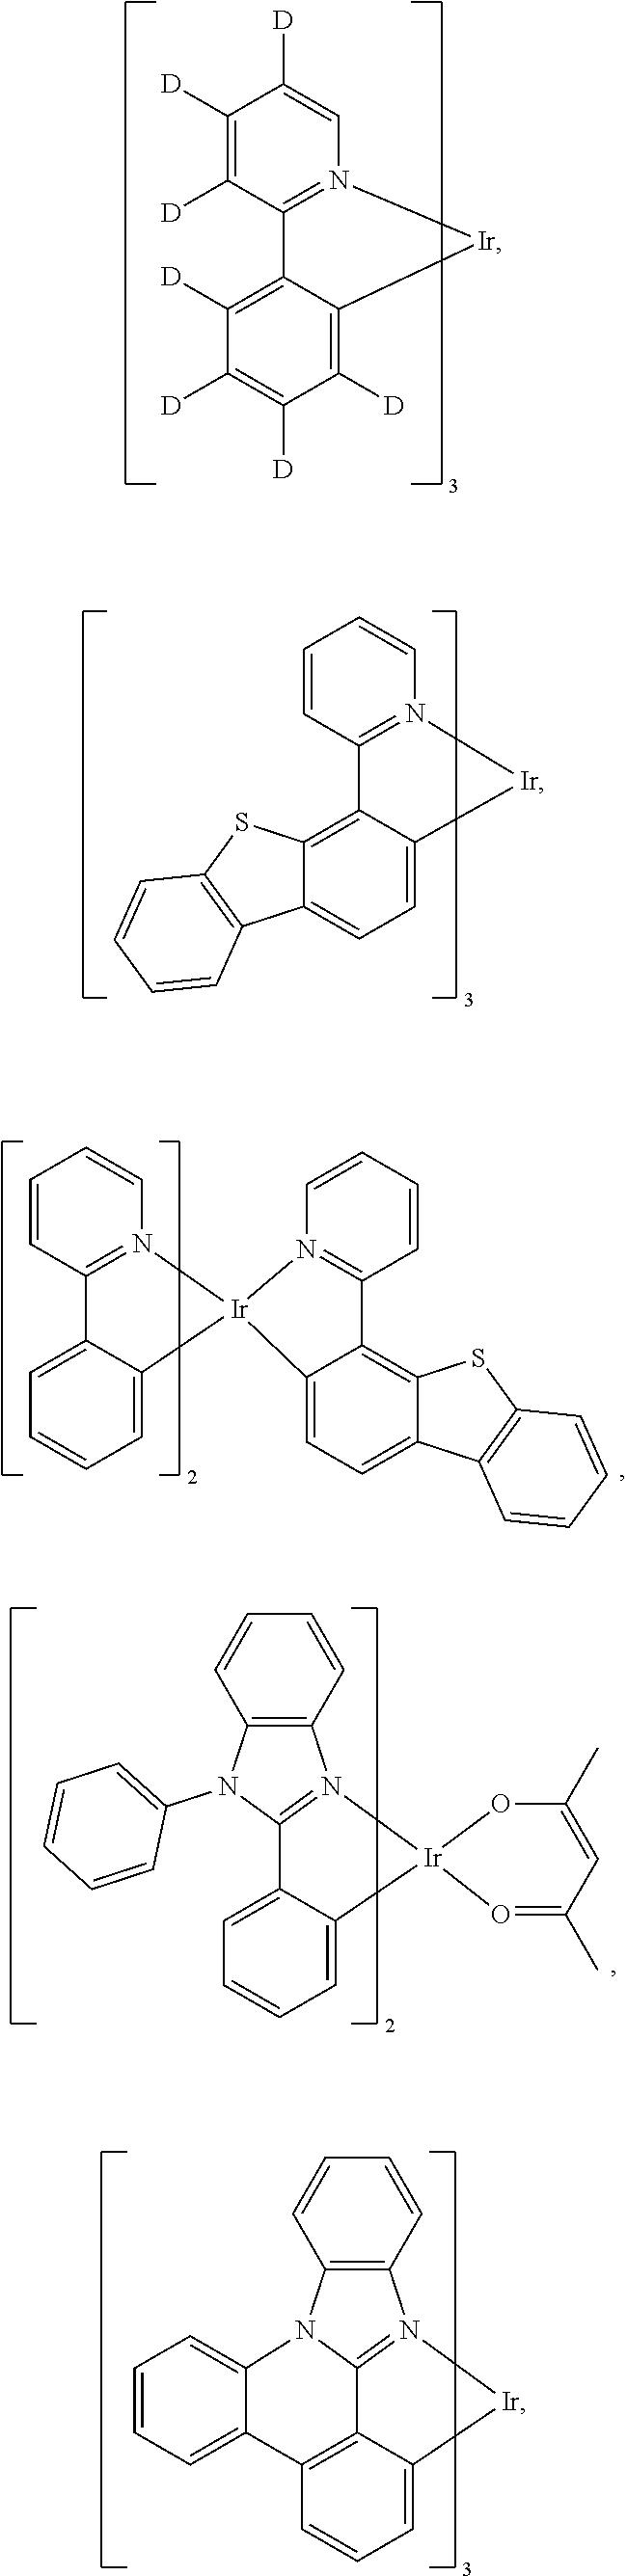 Figure US20190161504A1-20190530-C00065